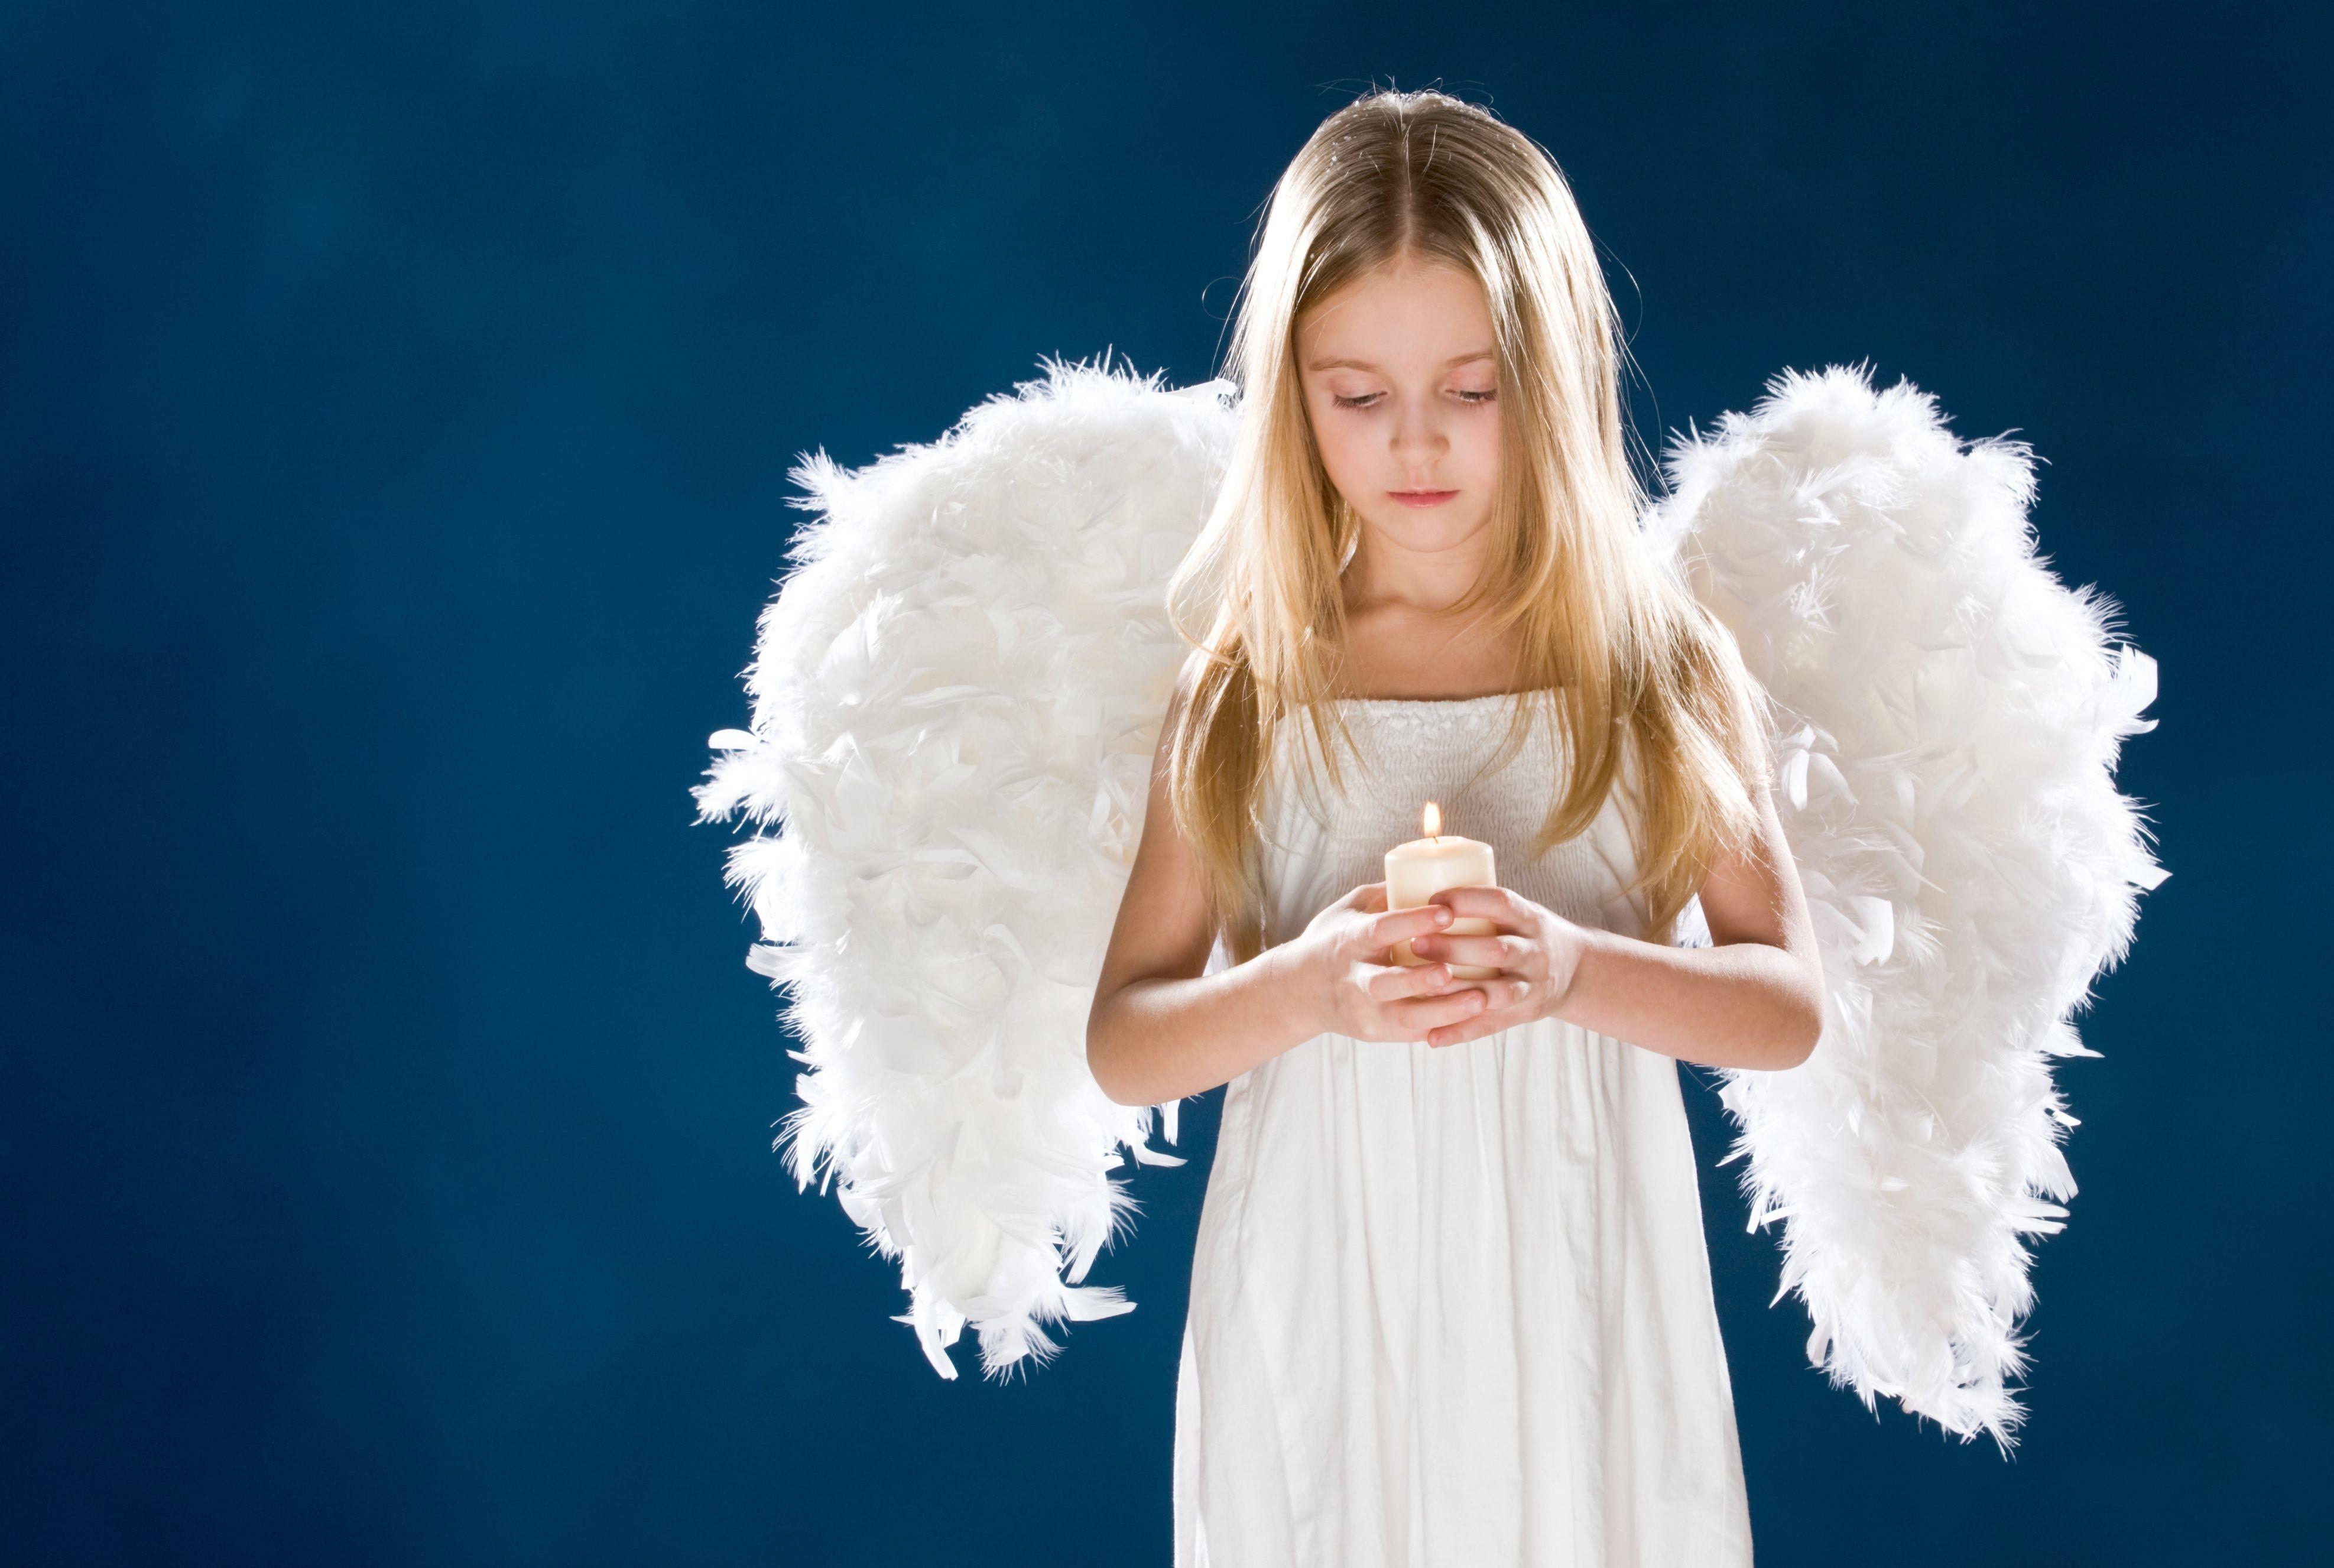 Днем рождения, картинки фото ангелы